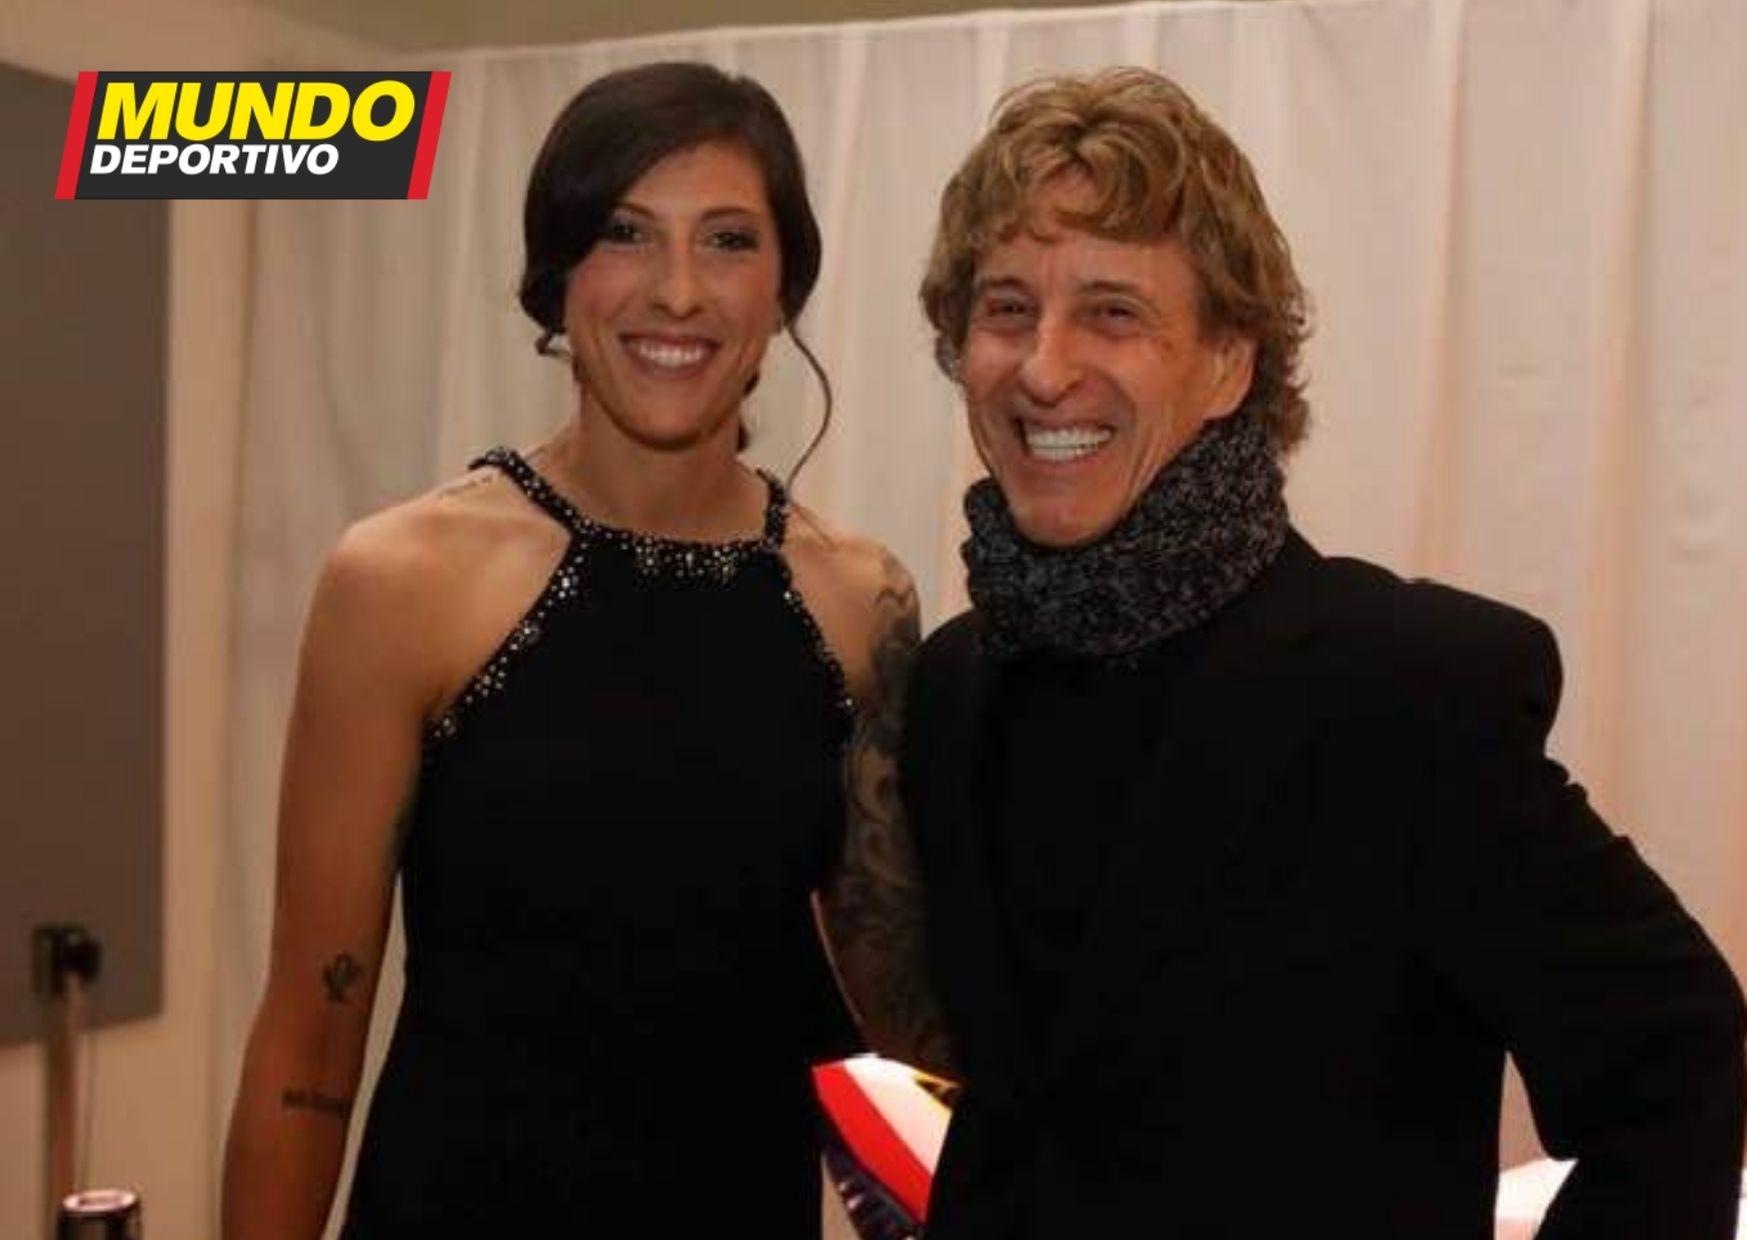 Josep Pons Formación realiza el estilismo de Jennifer Hermoso para la Gran Gala del Mundo Deportivo